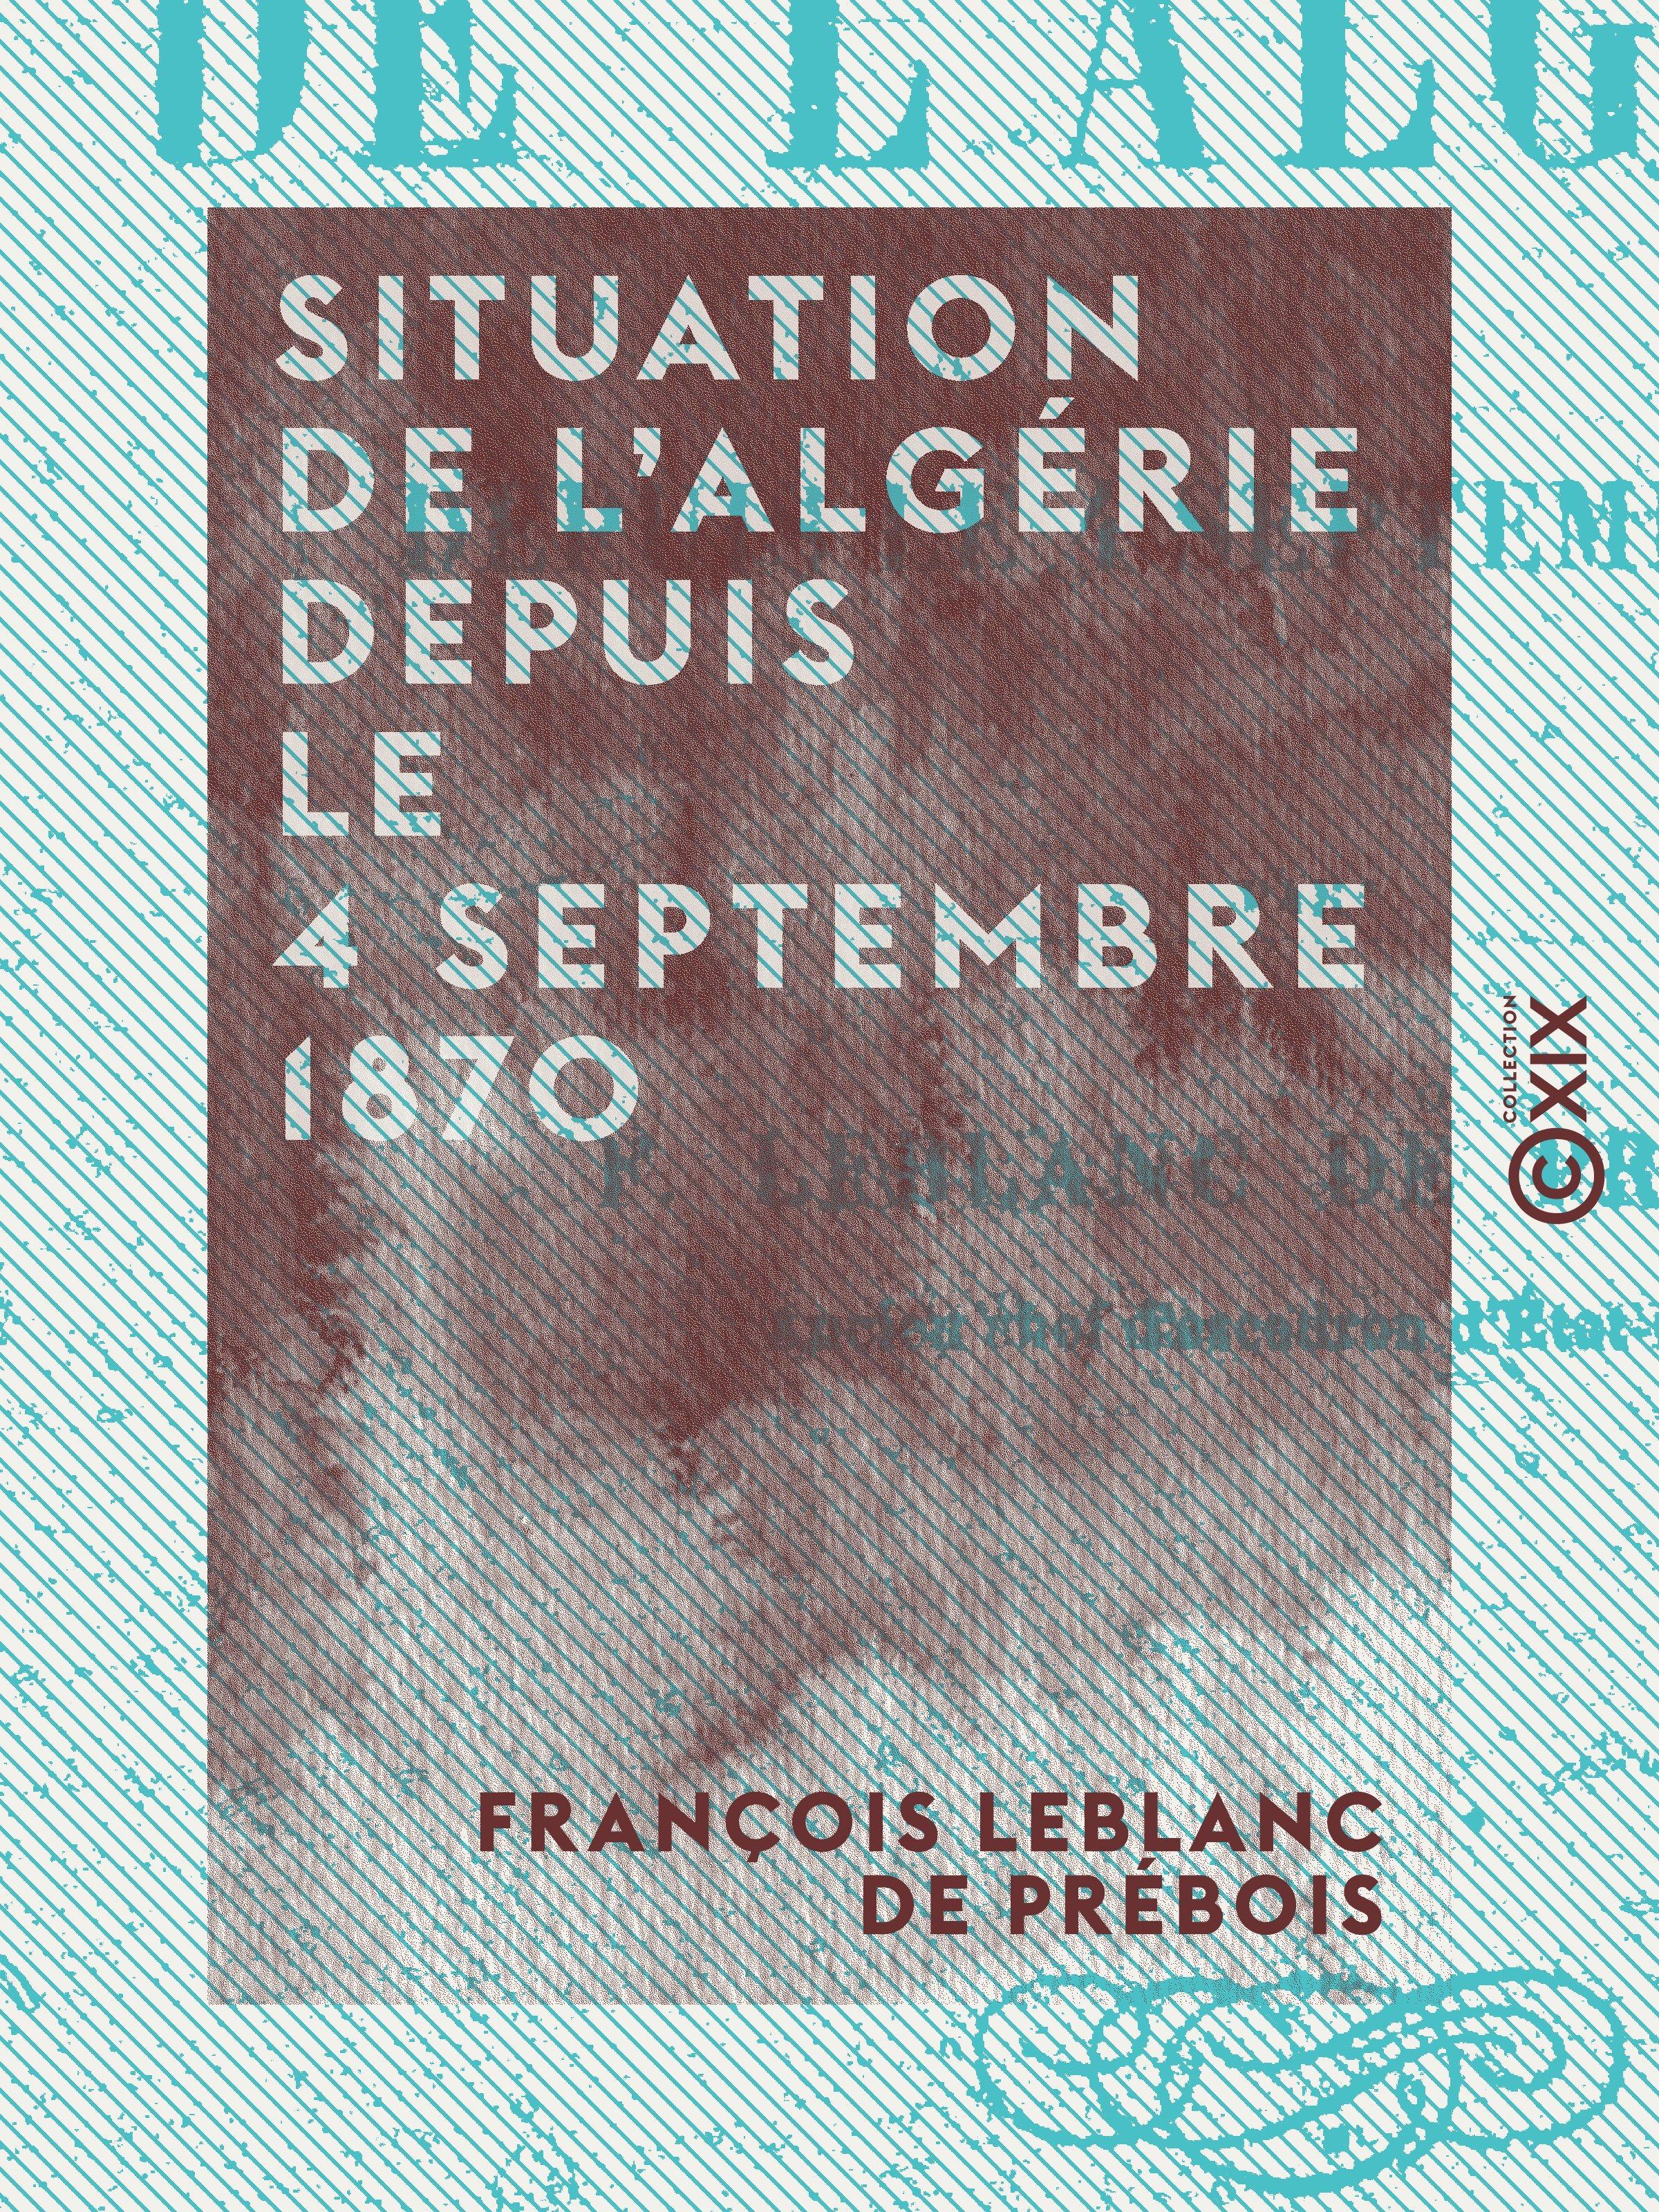 Situation de l'Algérie depuis le 4 septembre 1870